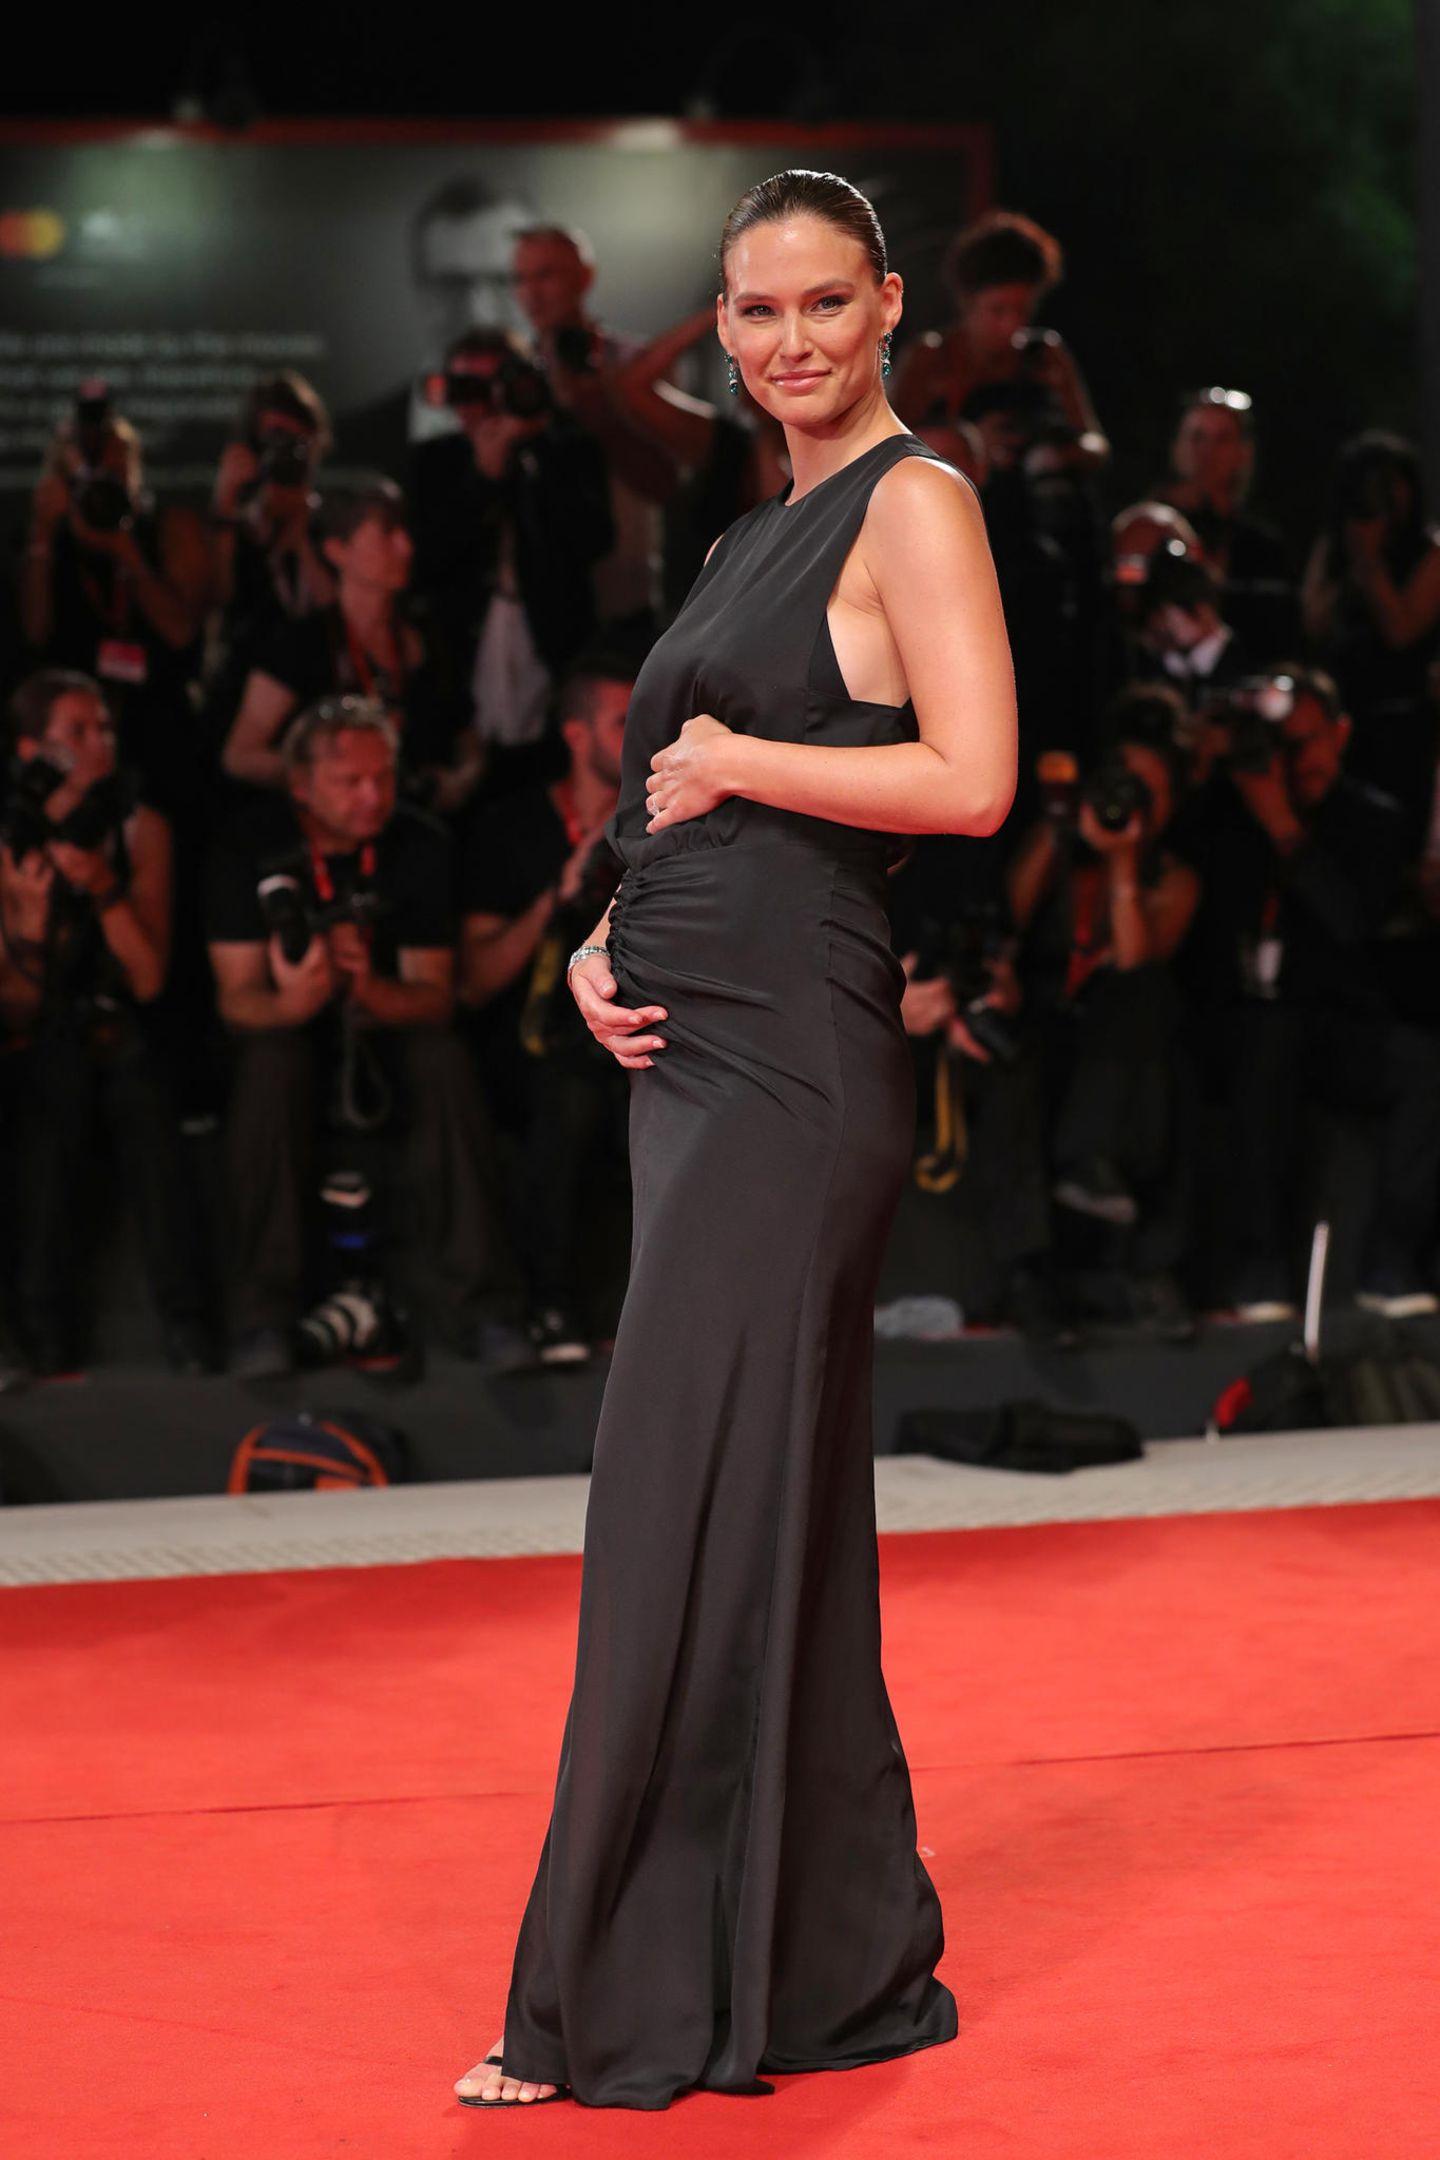 Schwangere Stars: Bar Refaeli schwanger auf dem roten Teppich